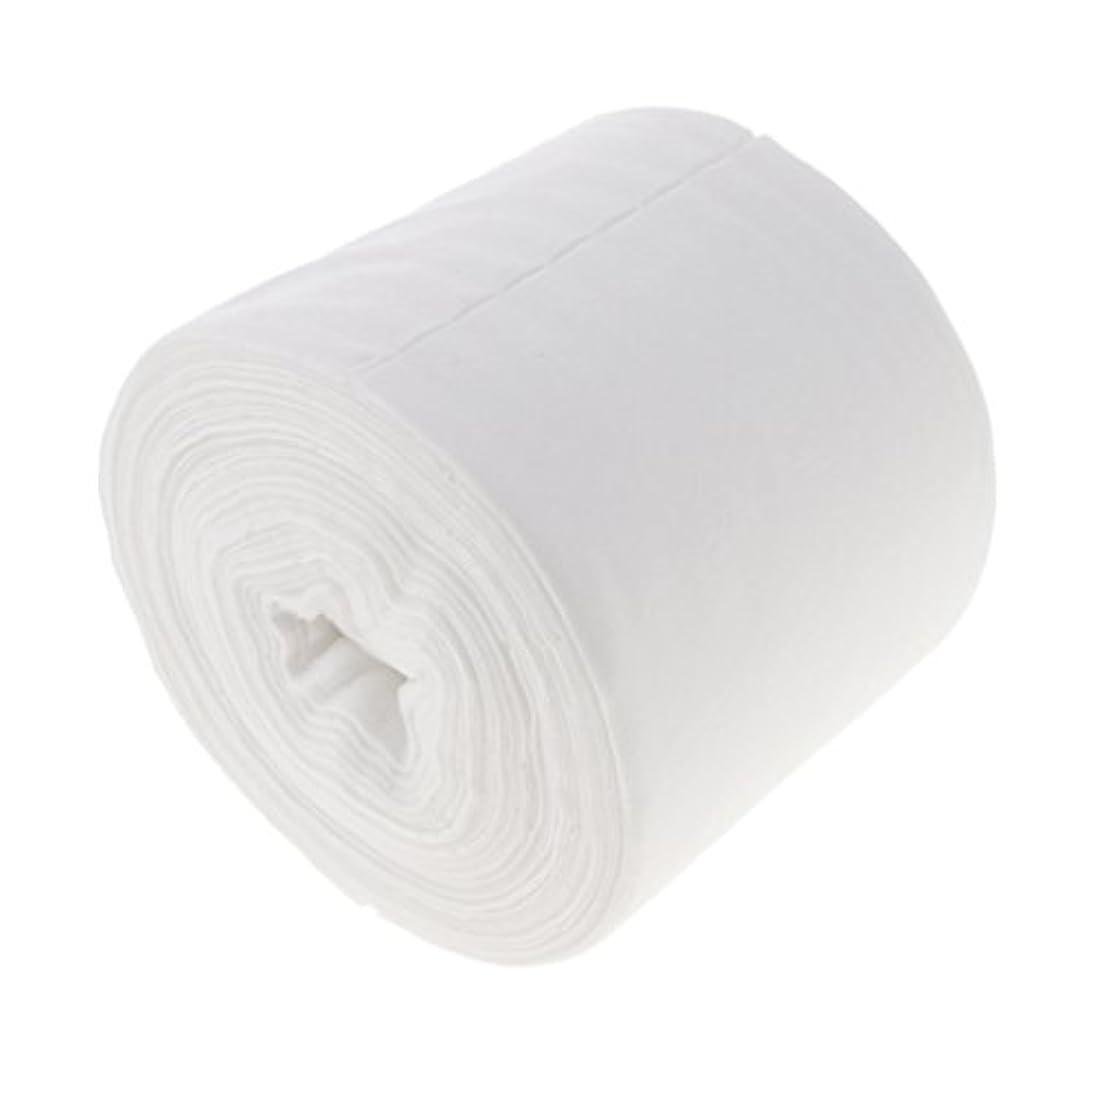 ジェームズダイソン運河震え洗顔 クリーニング タオル 使い捨て 顔用タオル 便利 旅行 来客用